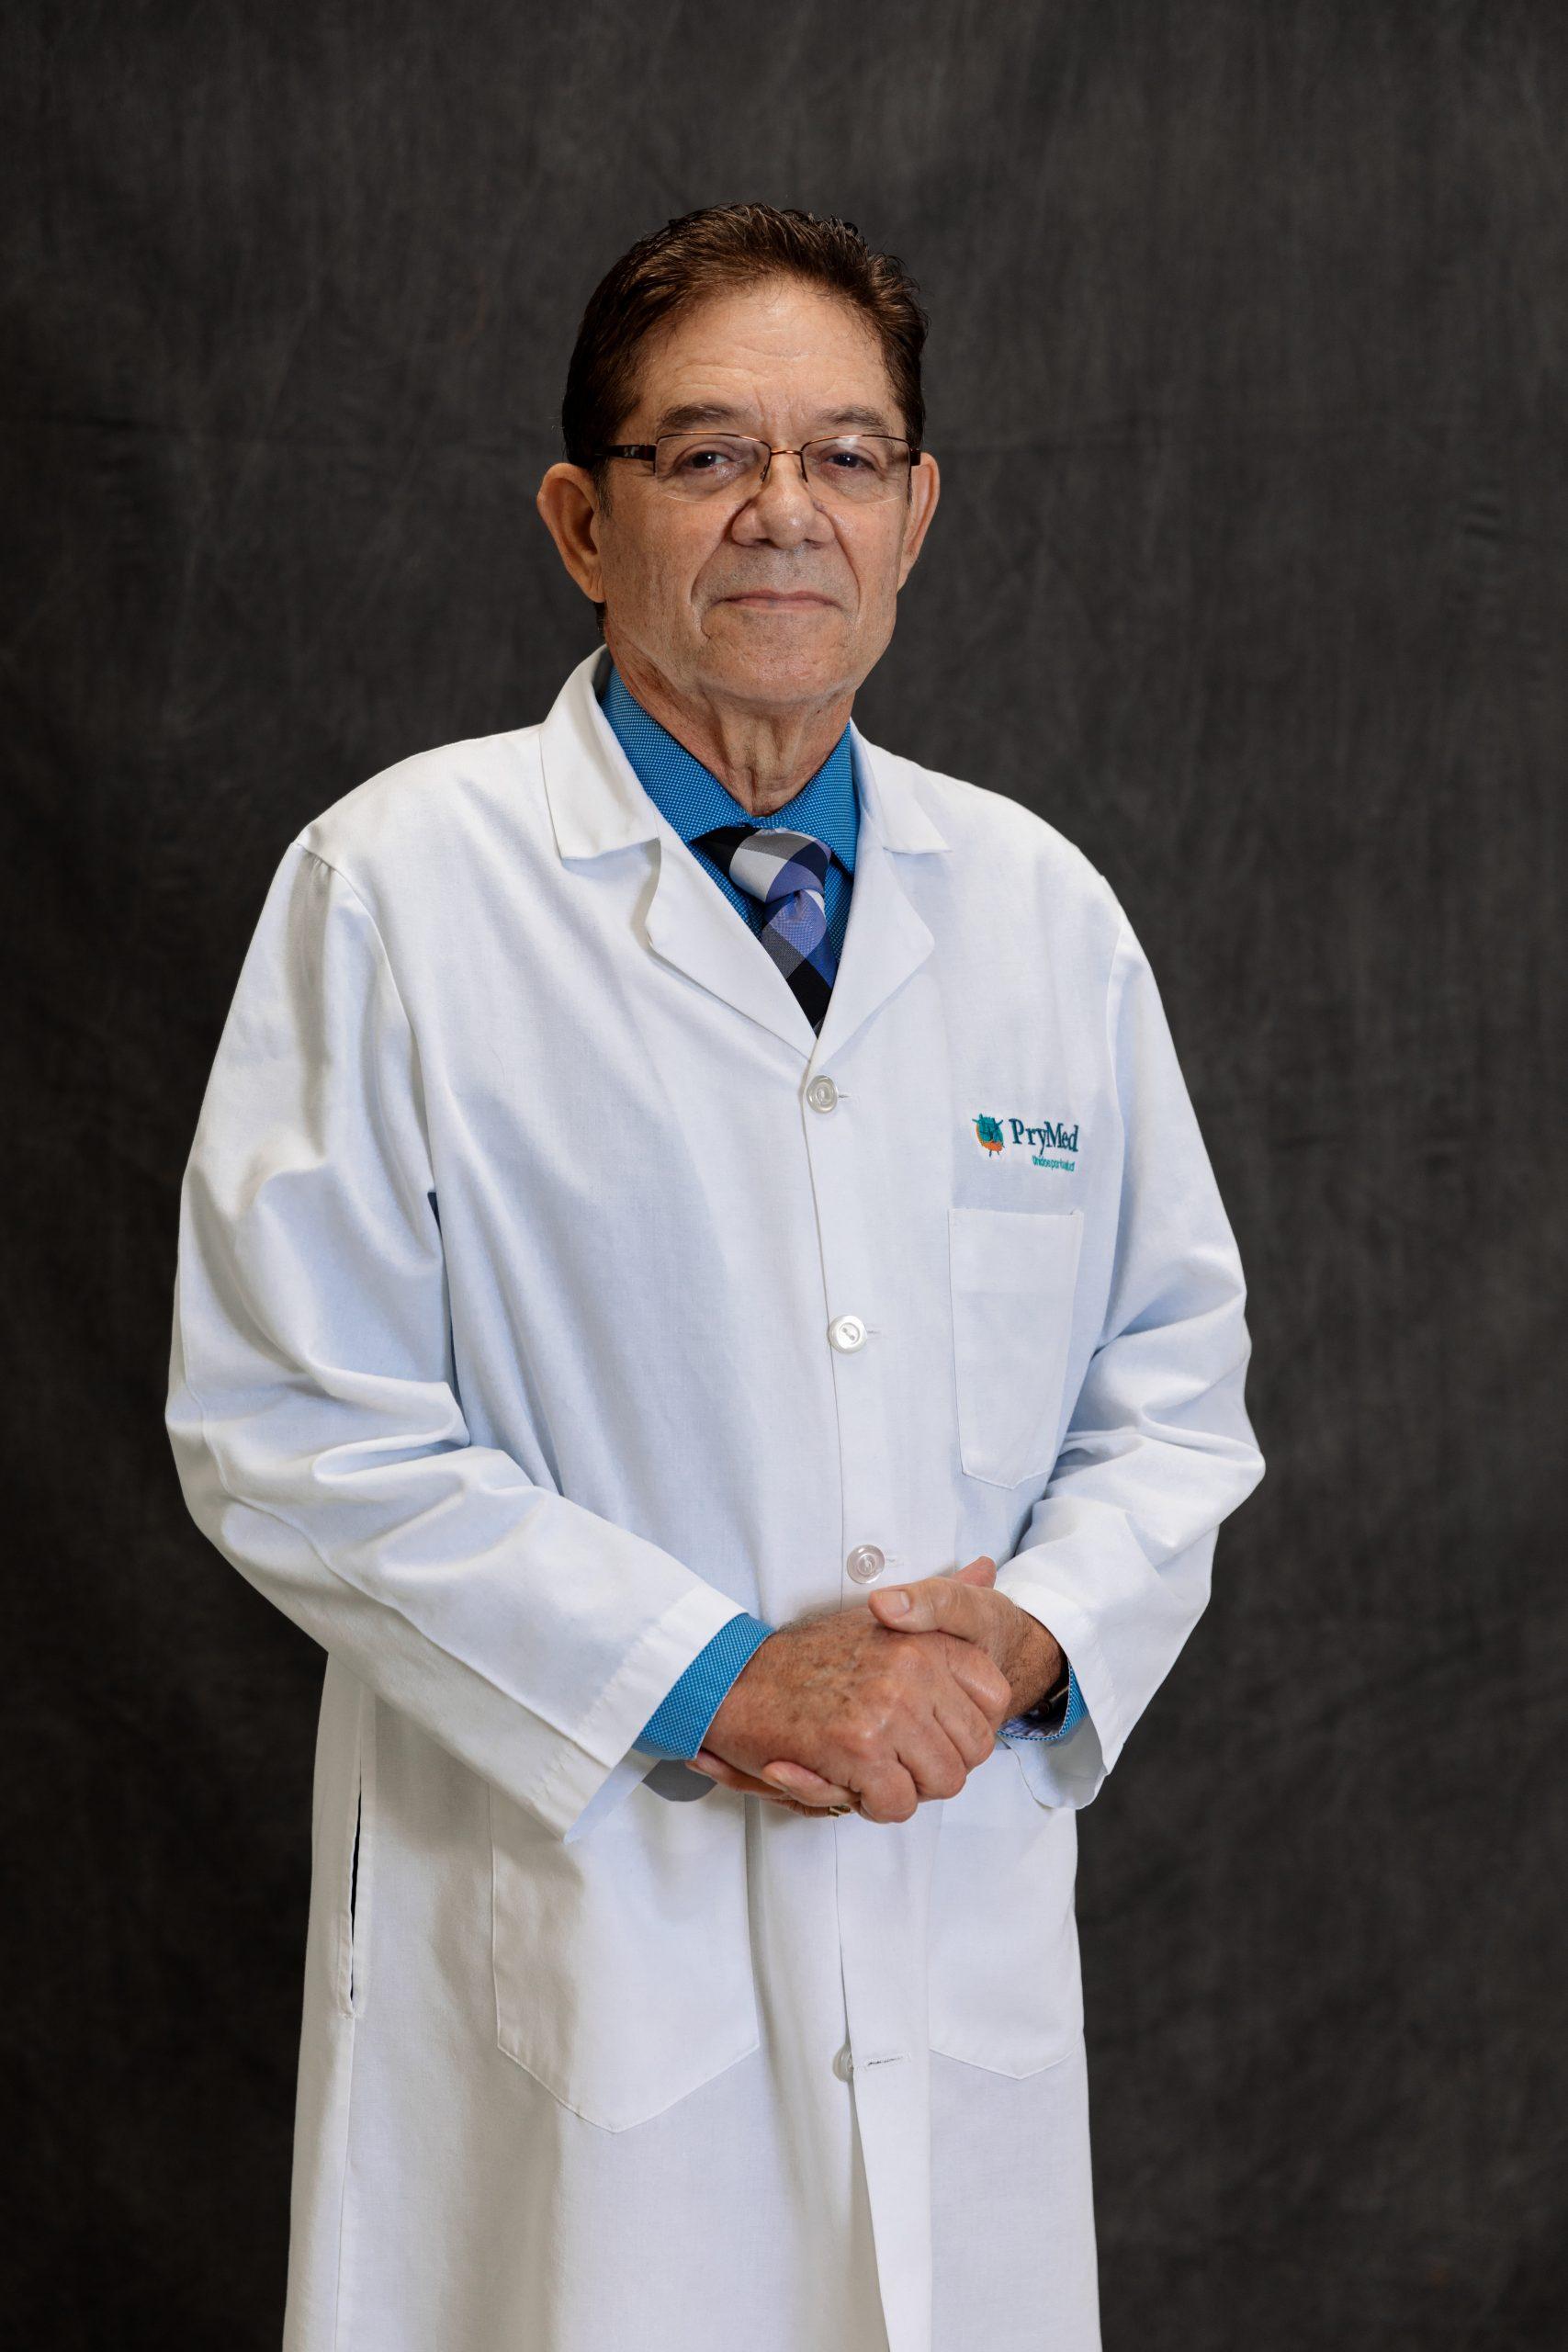 Dr. Luis Tavarez